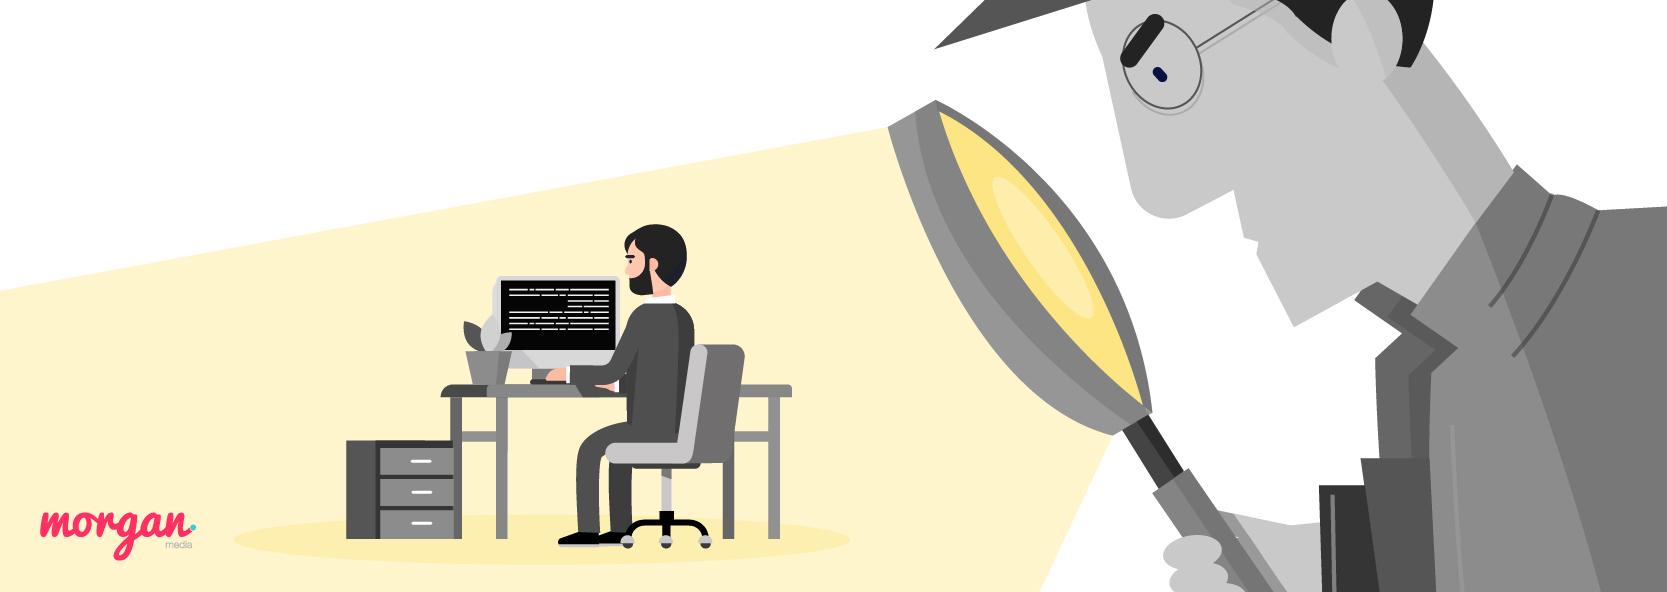 interior_internetseguro